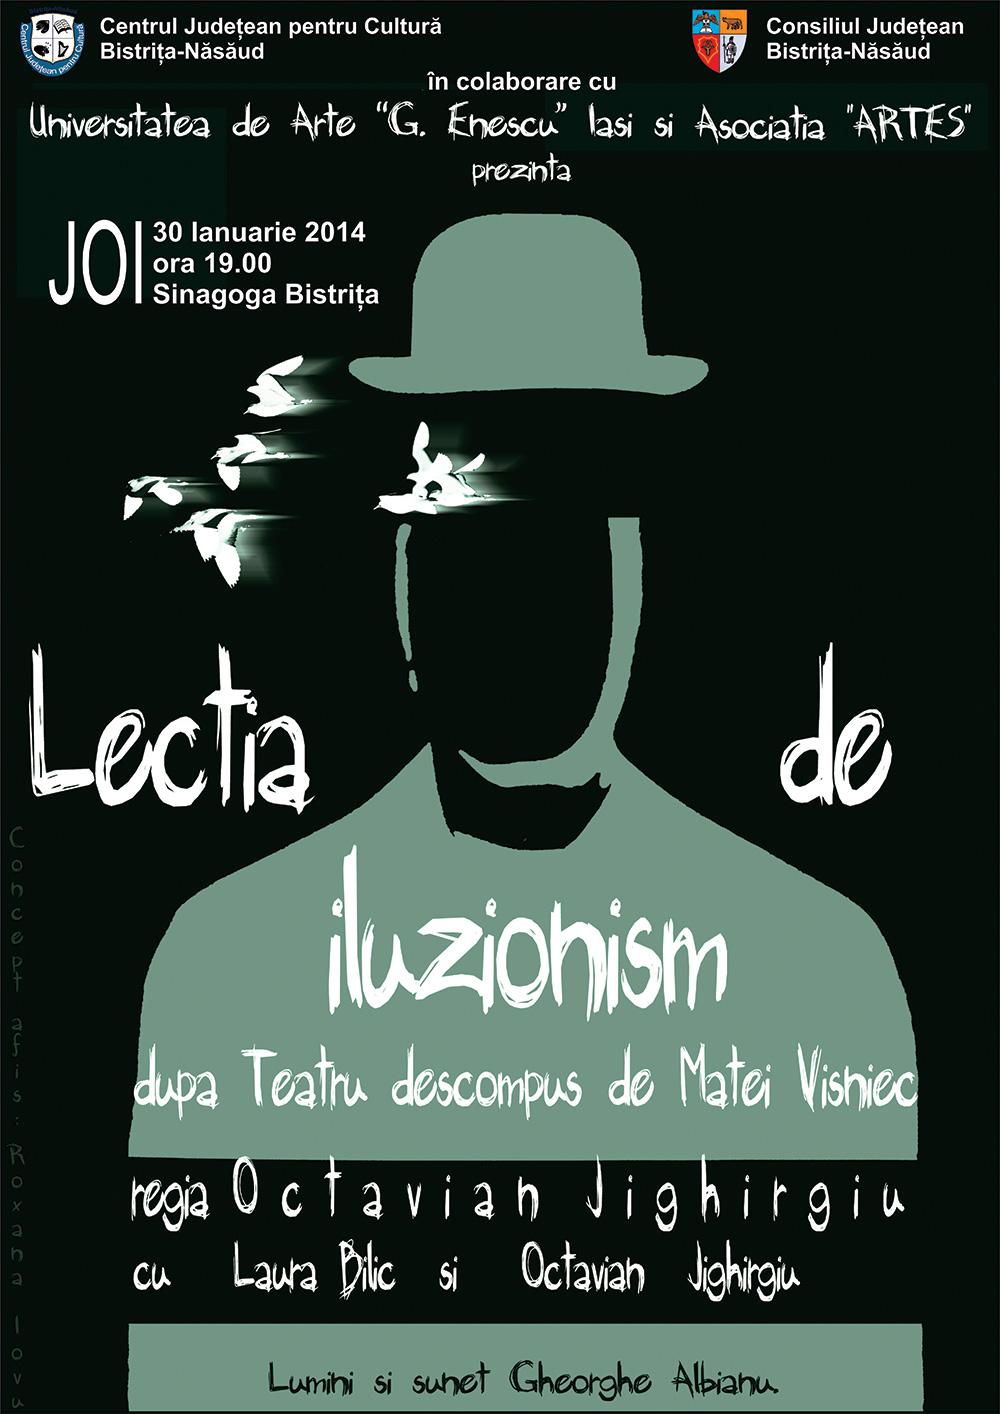 Teatru - Lectia de iluzionism